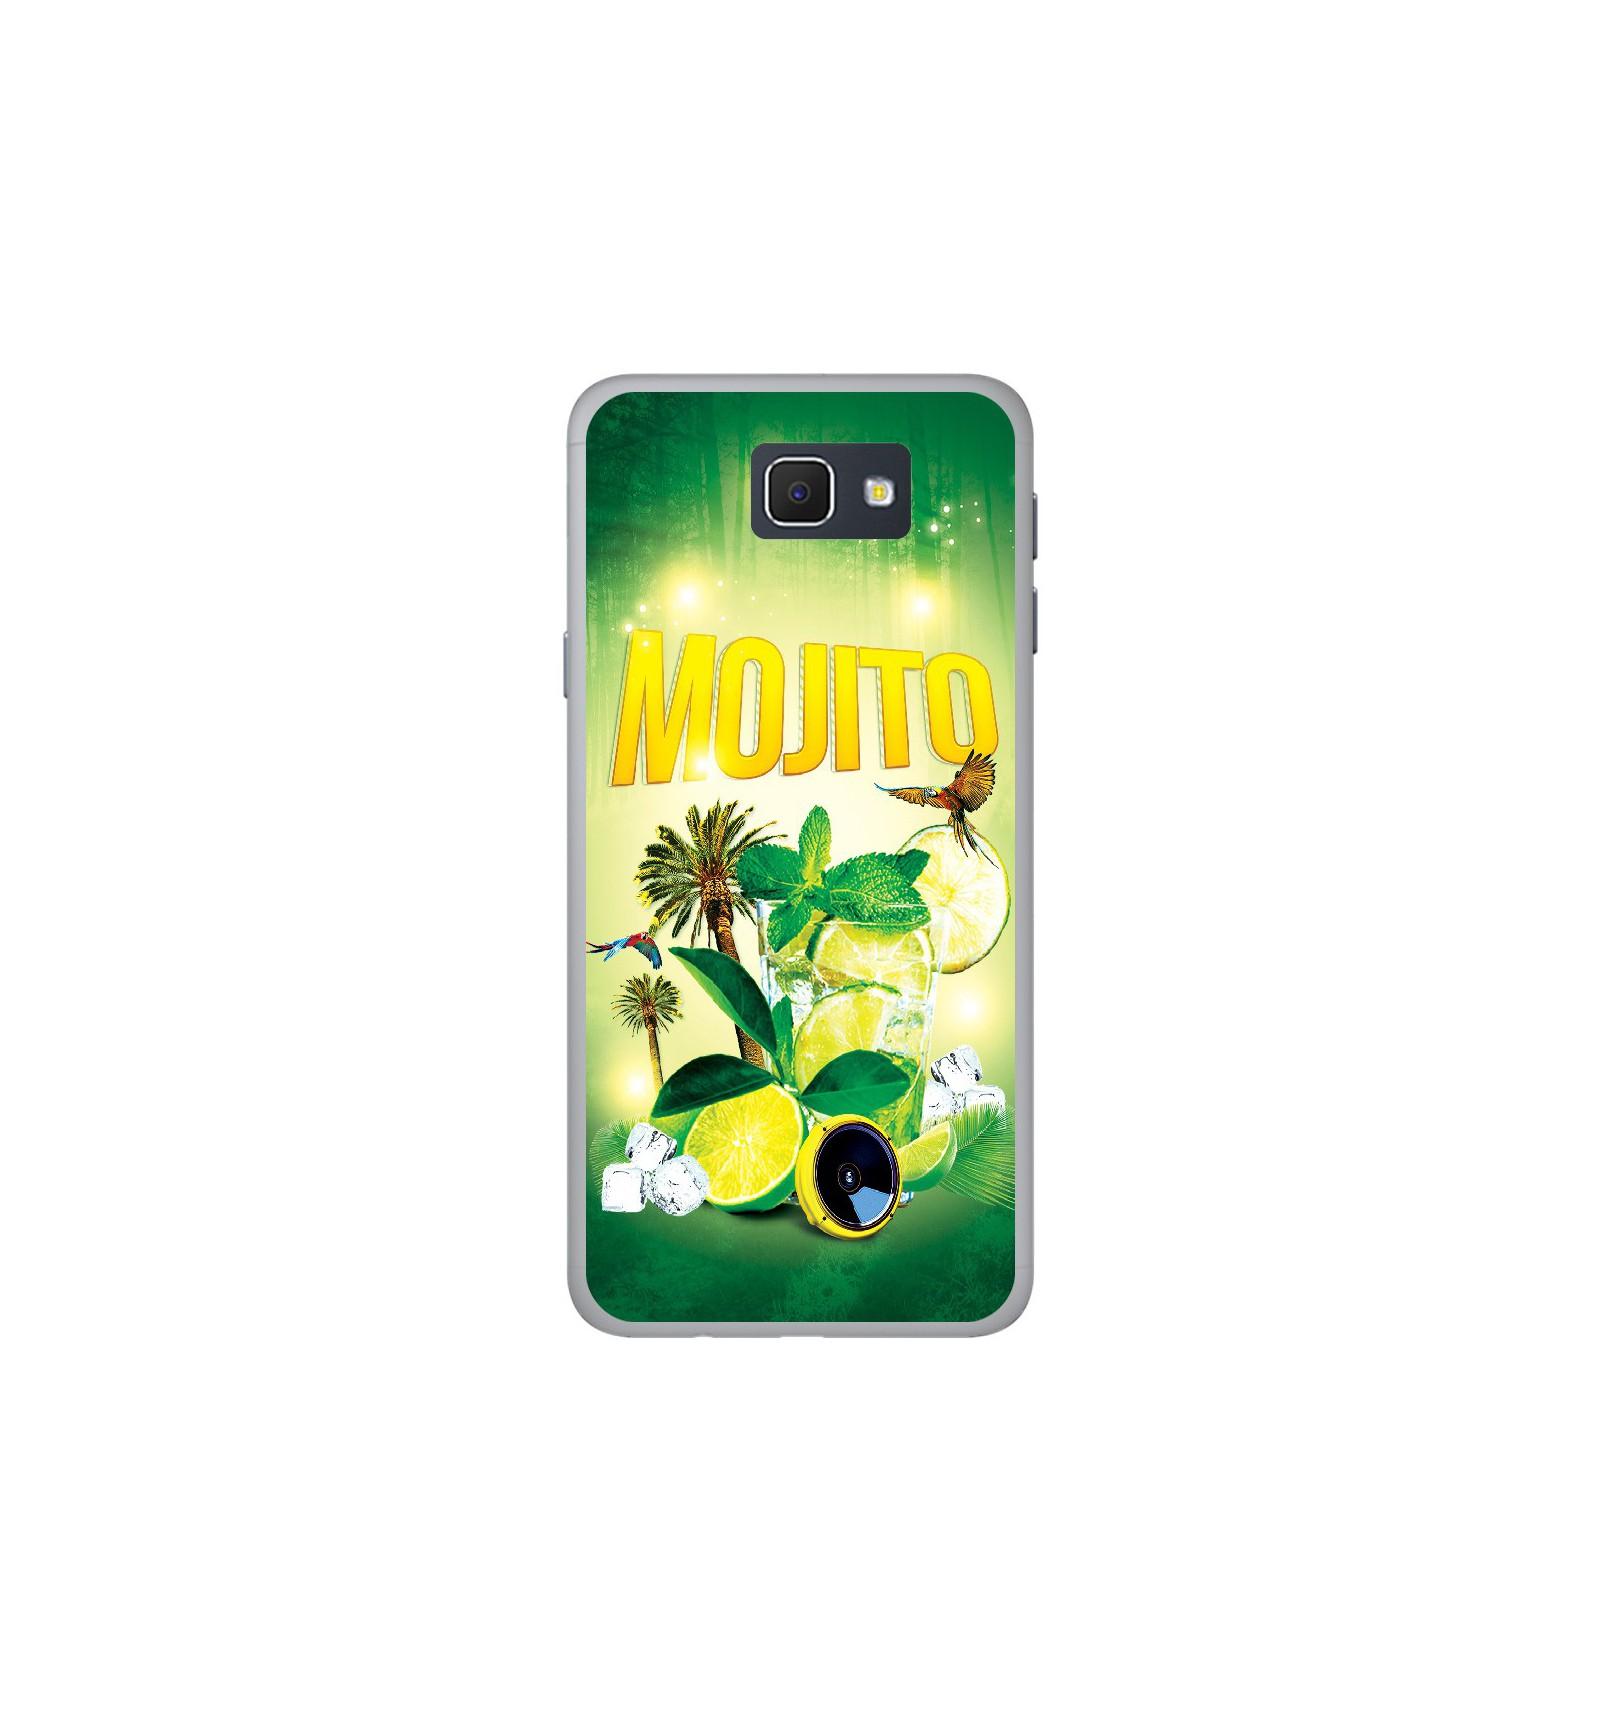 Coque en silicone Samsung Galaxy J5 Prime - Mojito forêt